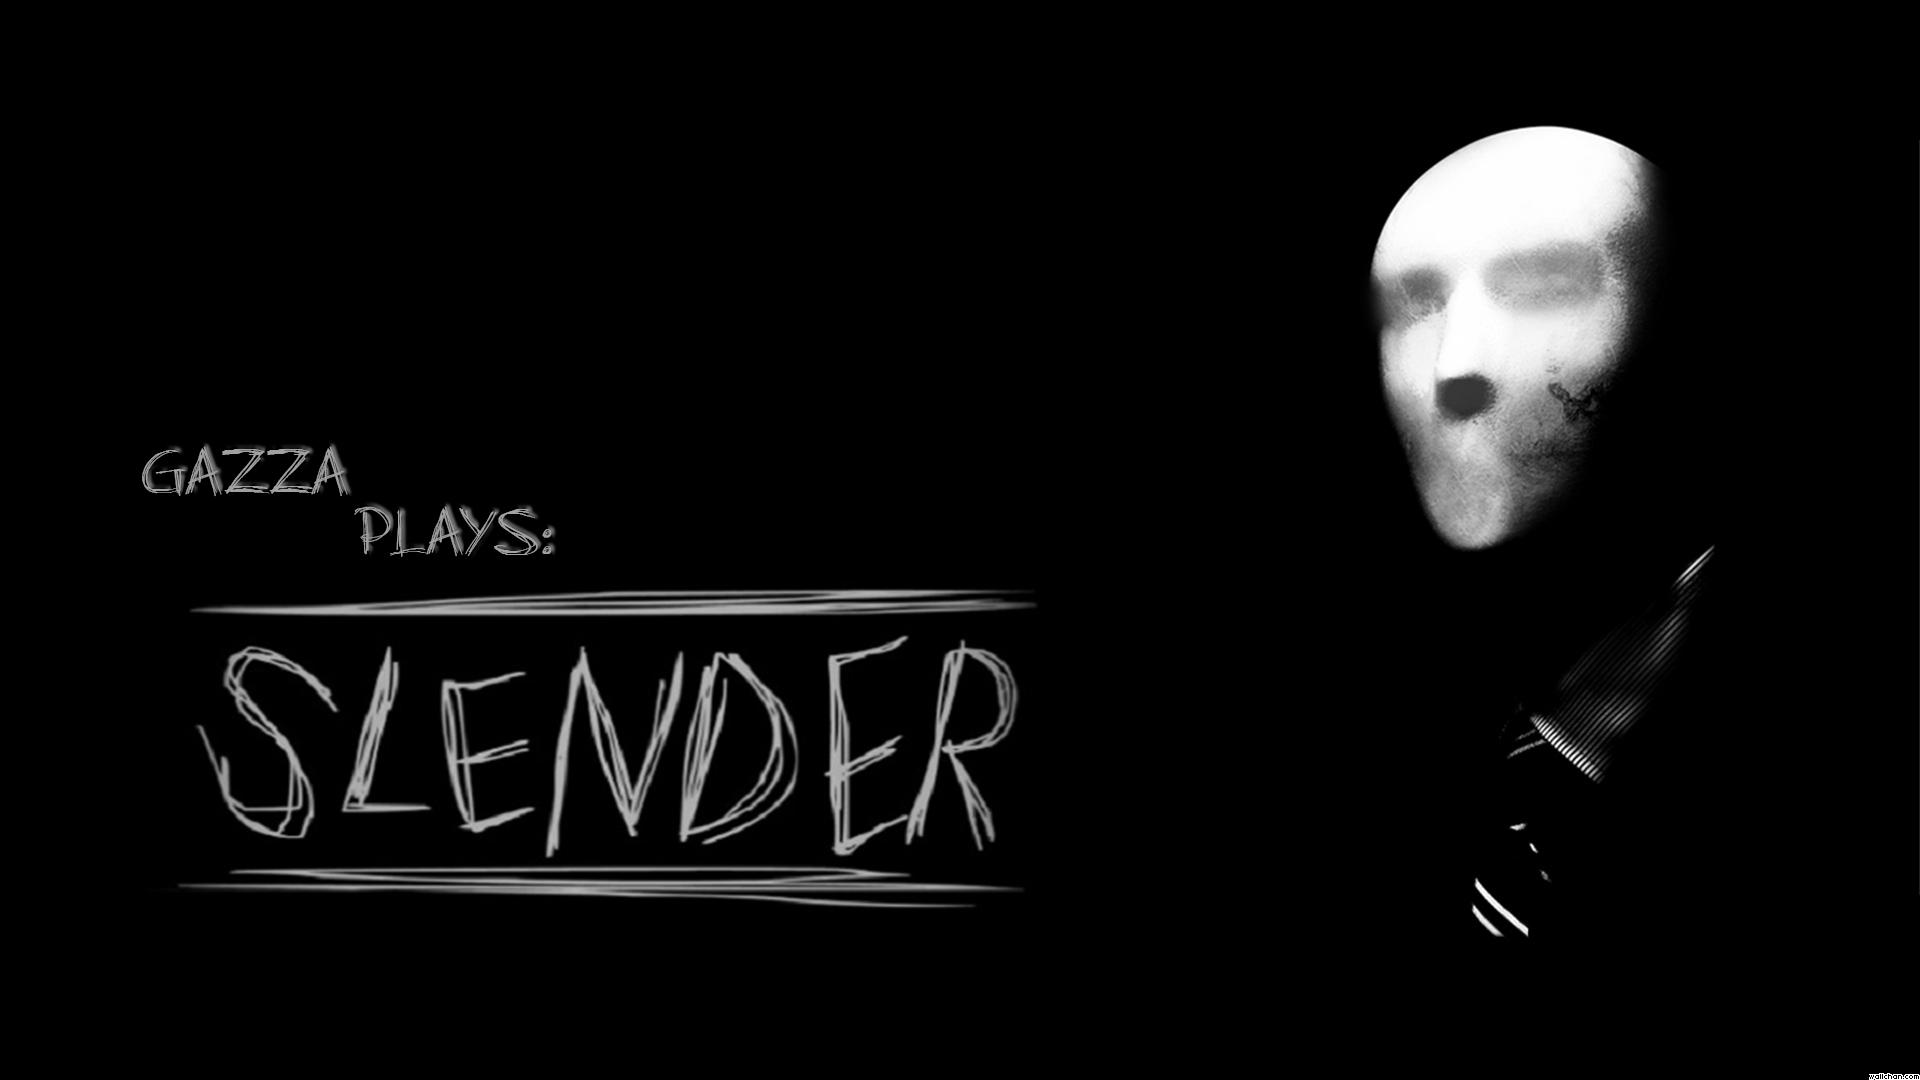 Slender хорошия игра многим нравится начинаеш простым гироим за эту икру надо сабрать 8 писем но слендр недаст вам с ... - Изображение 1